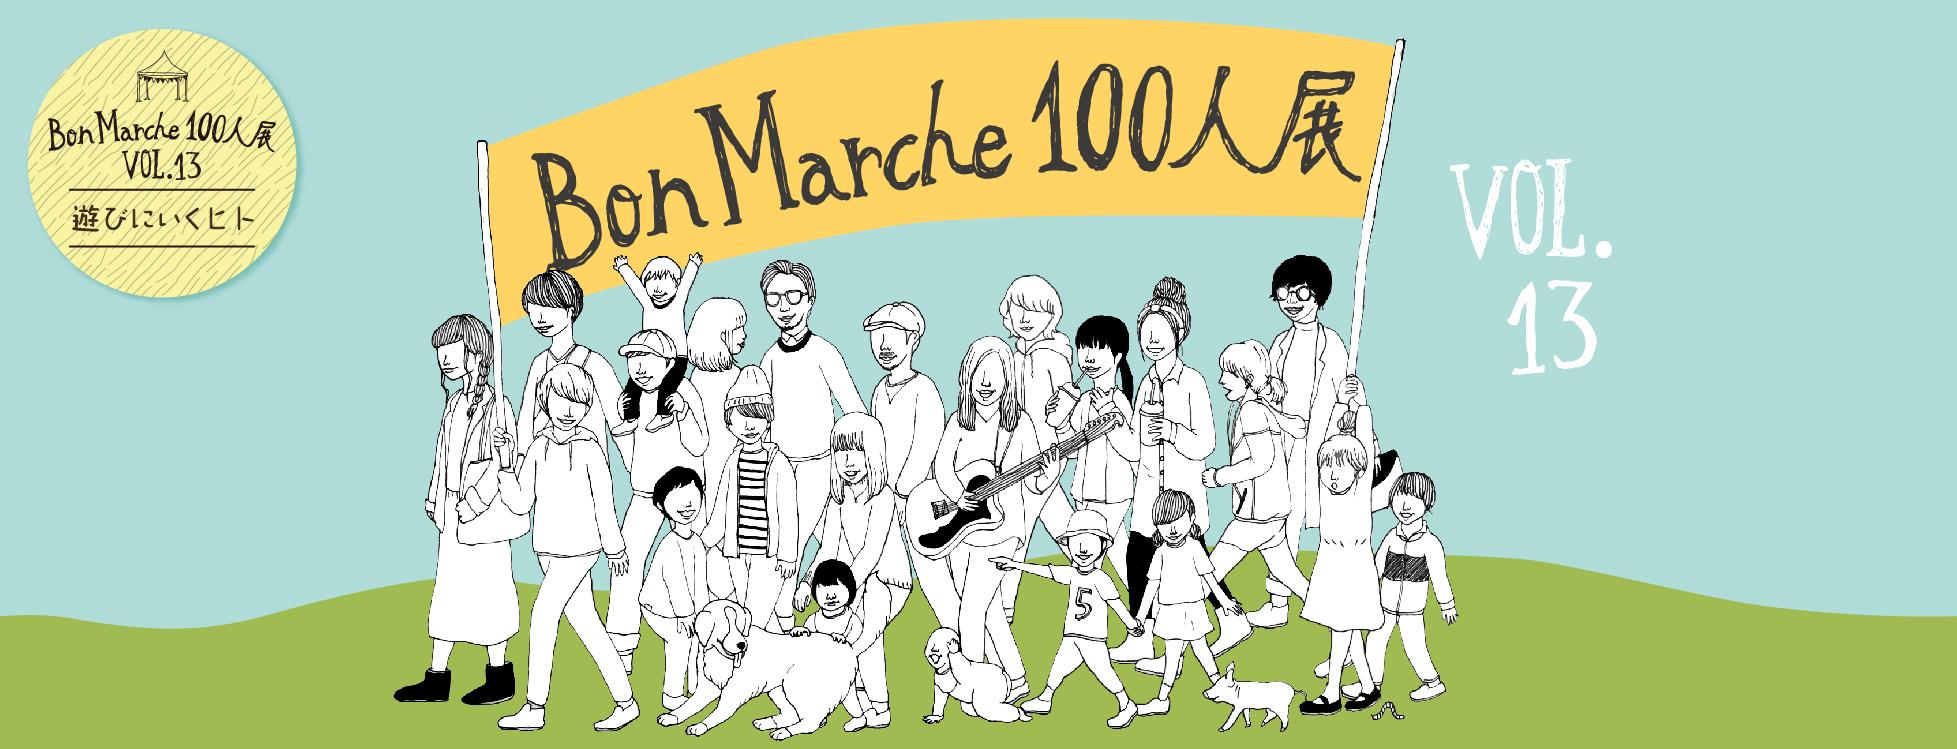 告知!BonMarche100人展 vol.13